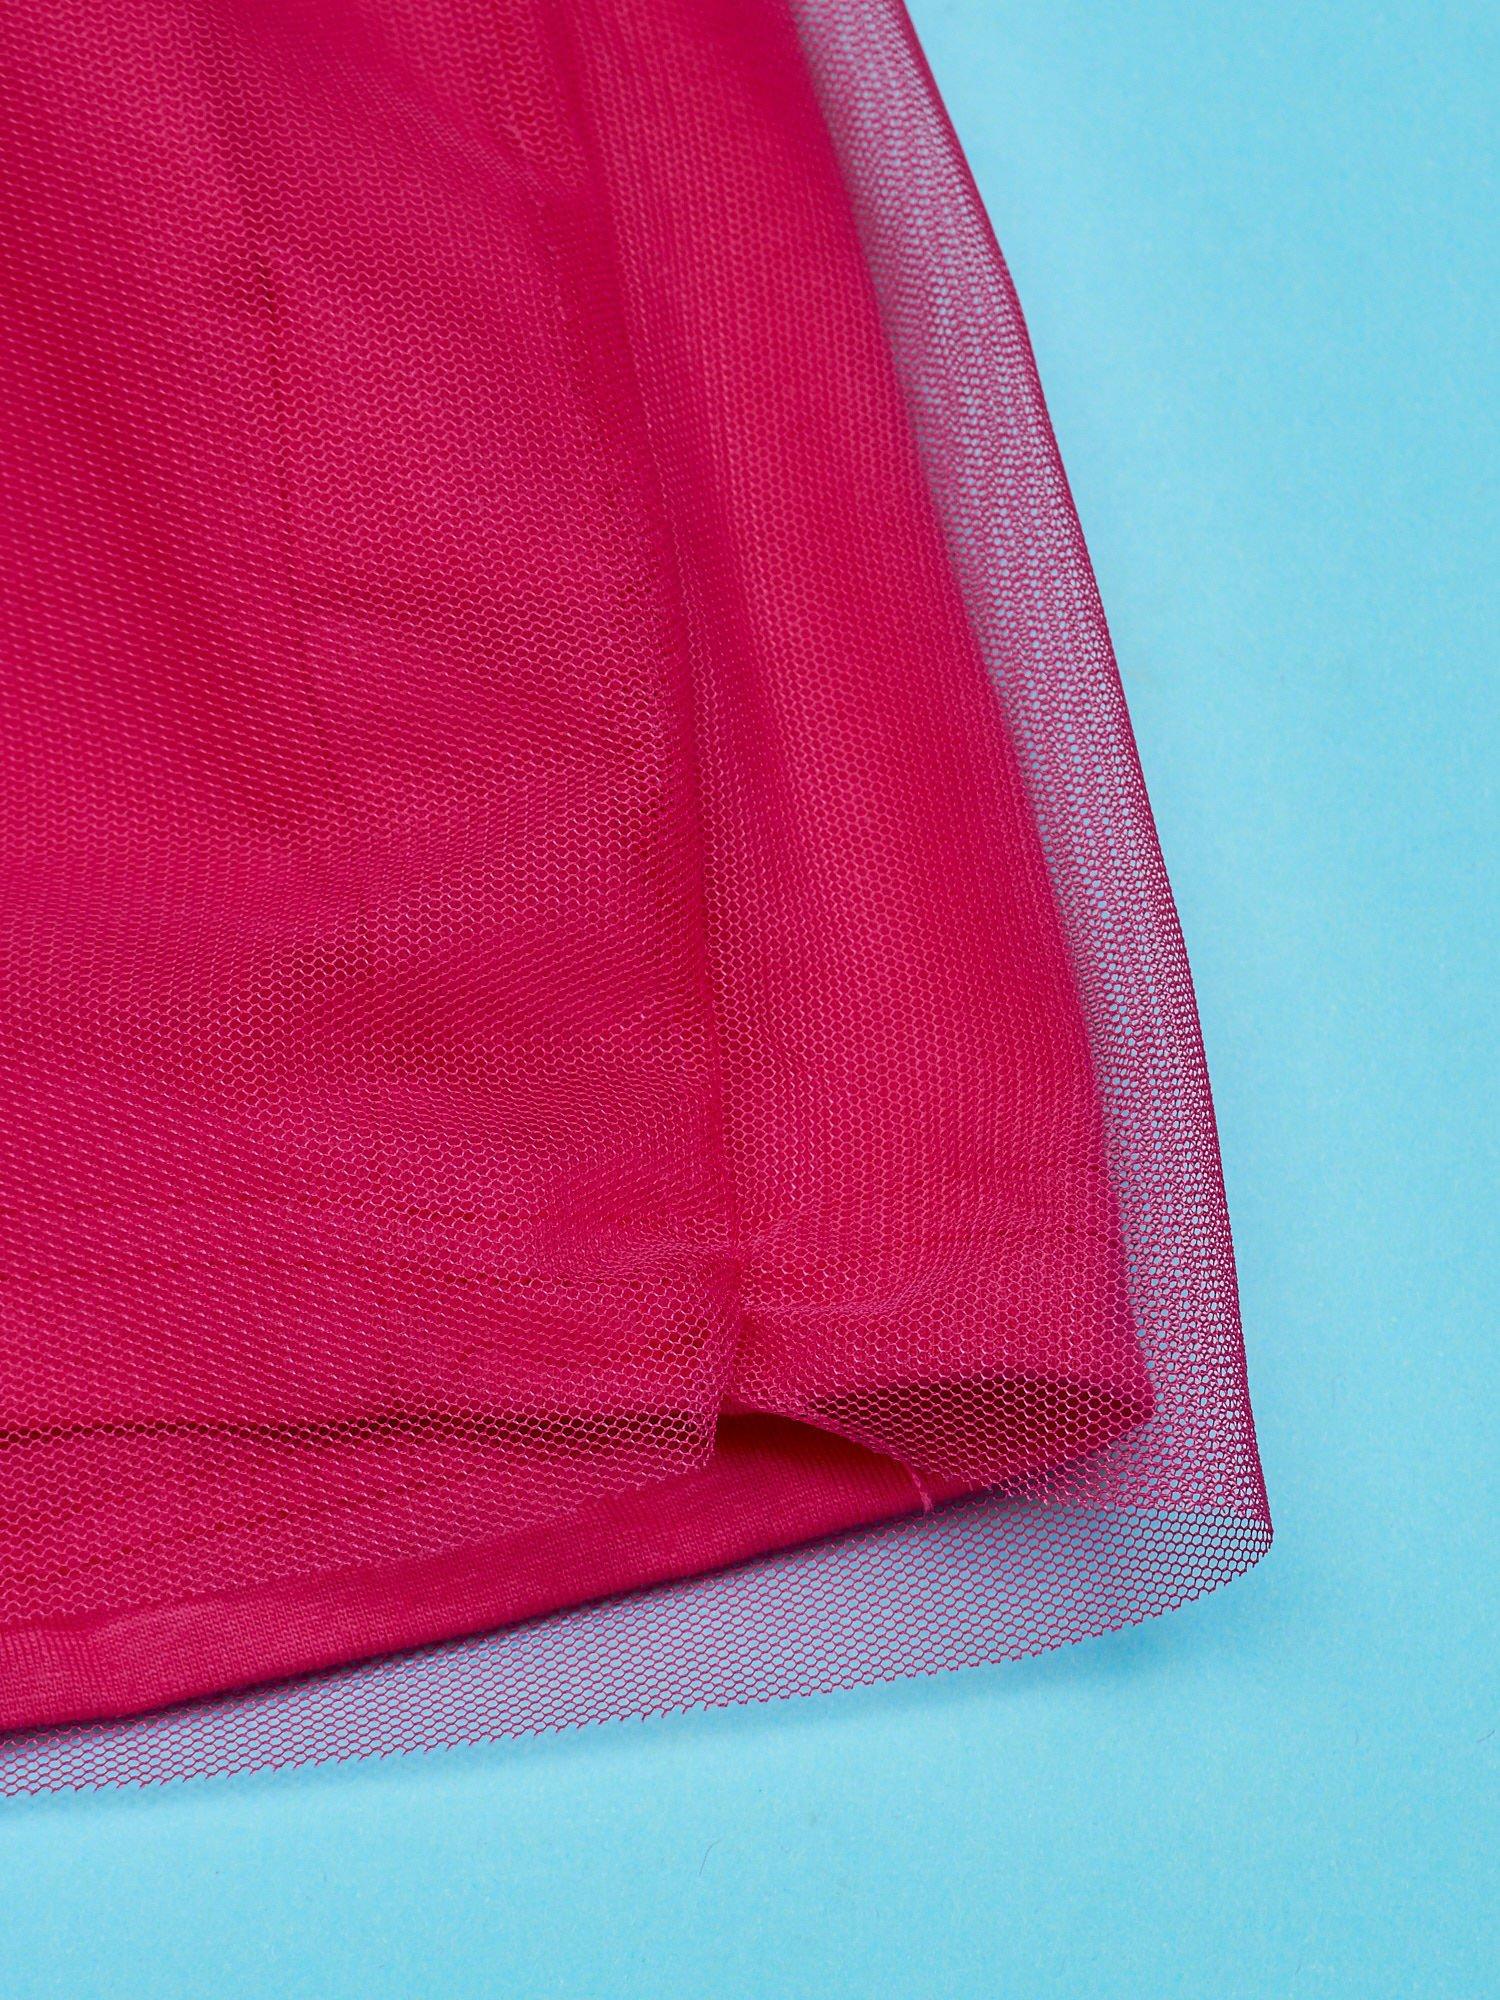 Różowa sukienka bez rękawów dla dziewczynki MINNIE MOUSE                                  zdj.                                  4